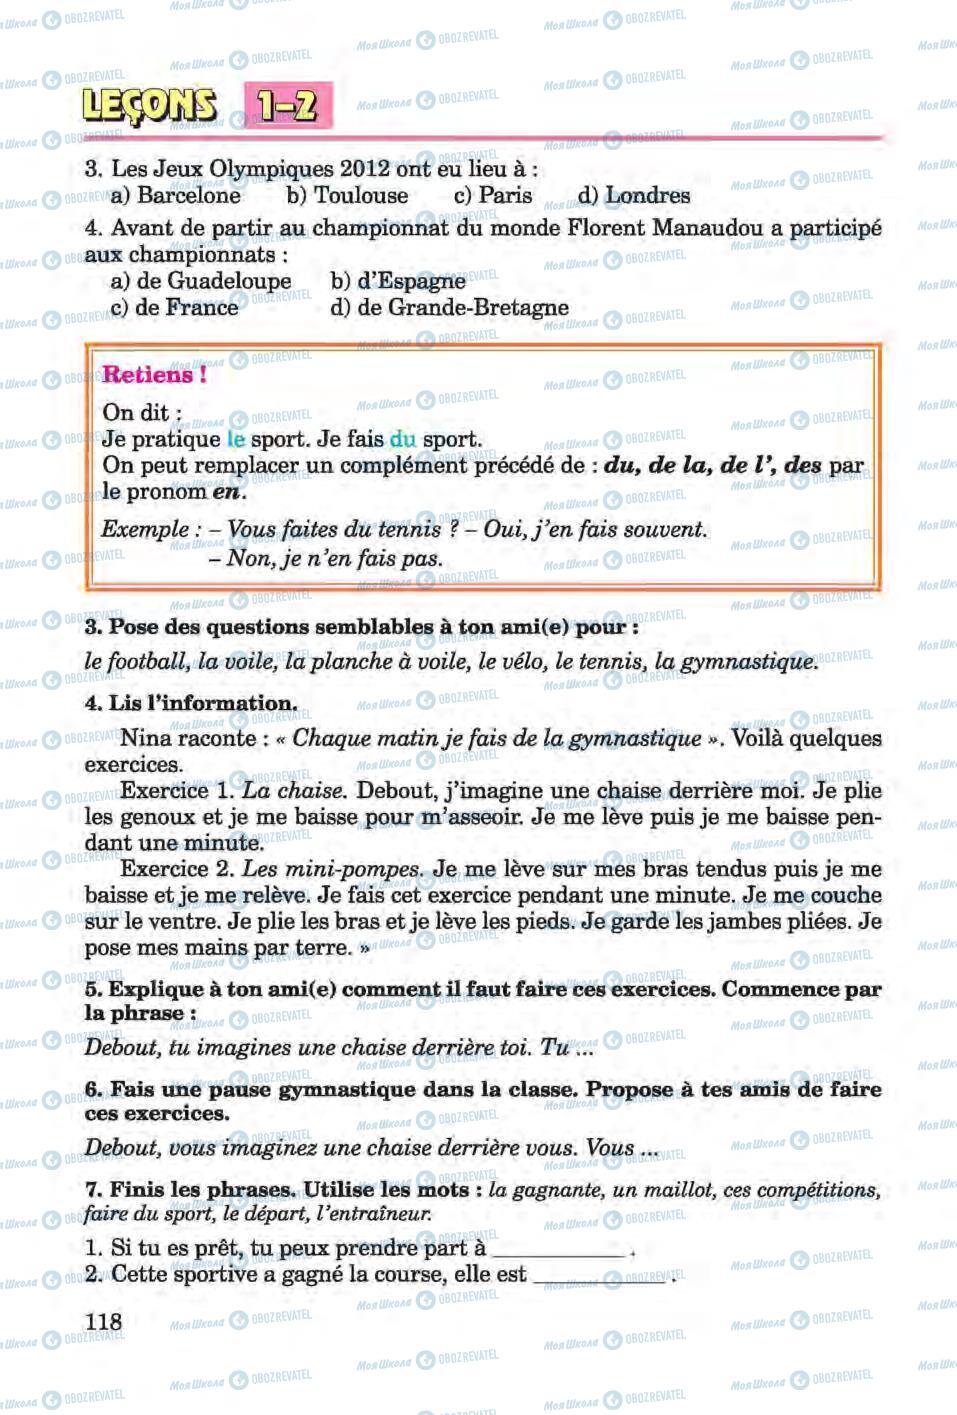 Підручники Французька мова 6 клас сторінка 118